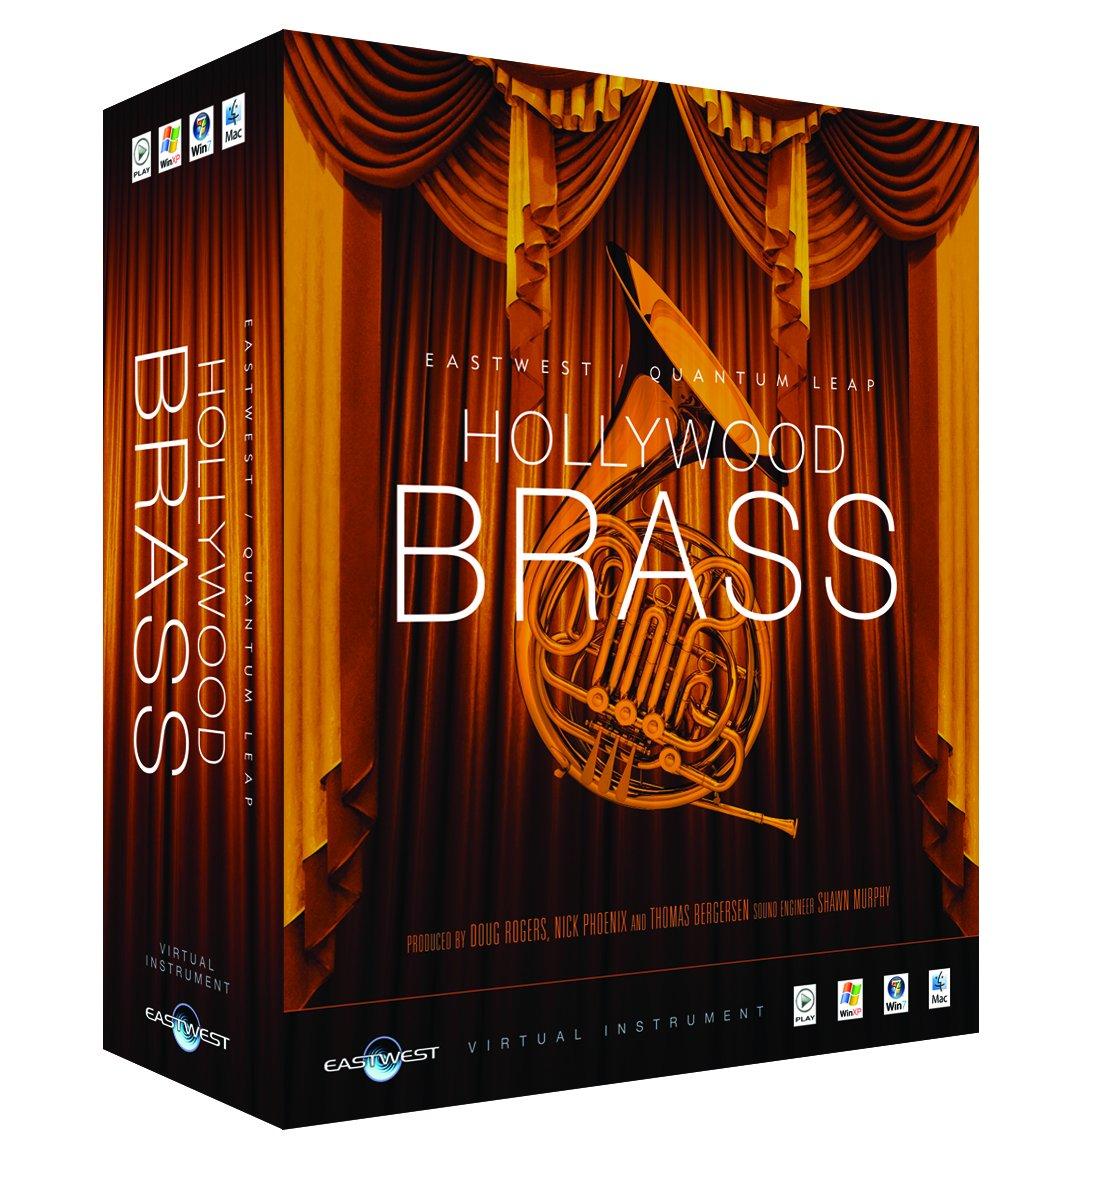 新版 EastWest Quantum Leap Hollywood Brass Brass Win版 Diamond Diamond Edition Win オーケストラ ブラスコレクション Win版【国内正規品】 B008V2Q3O6, 小城郡:6b50bf7d --- womaniyya.com